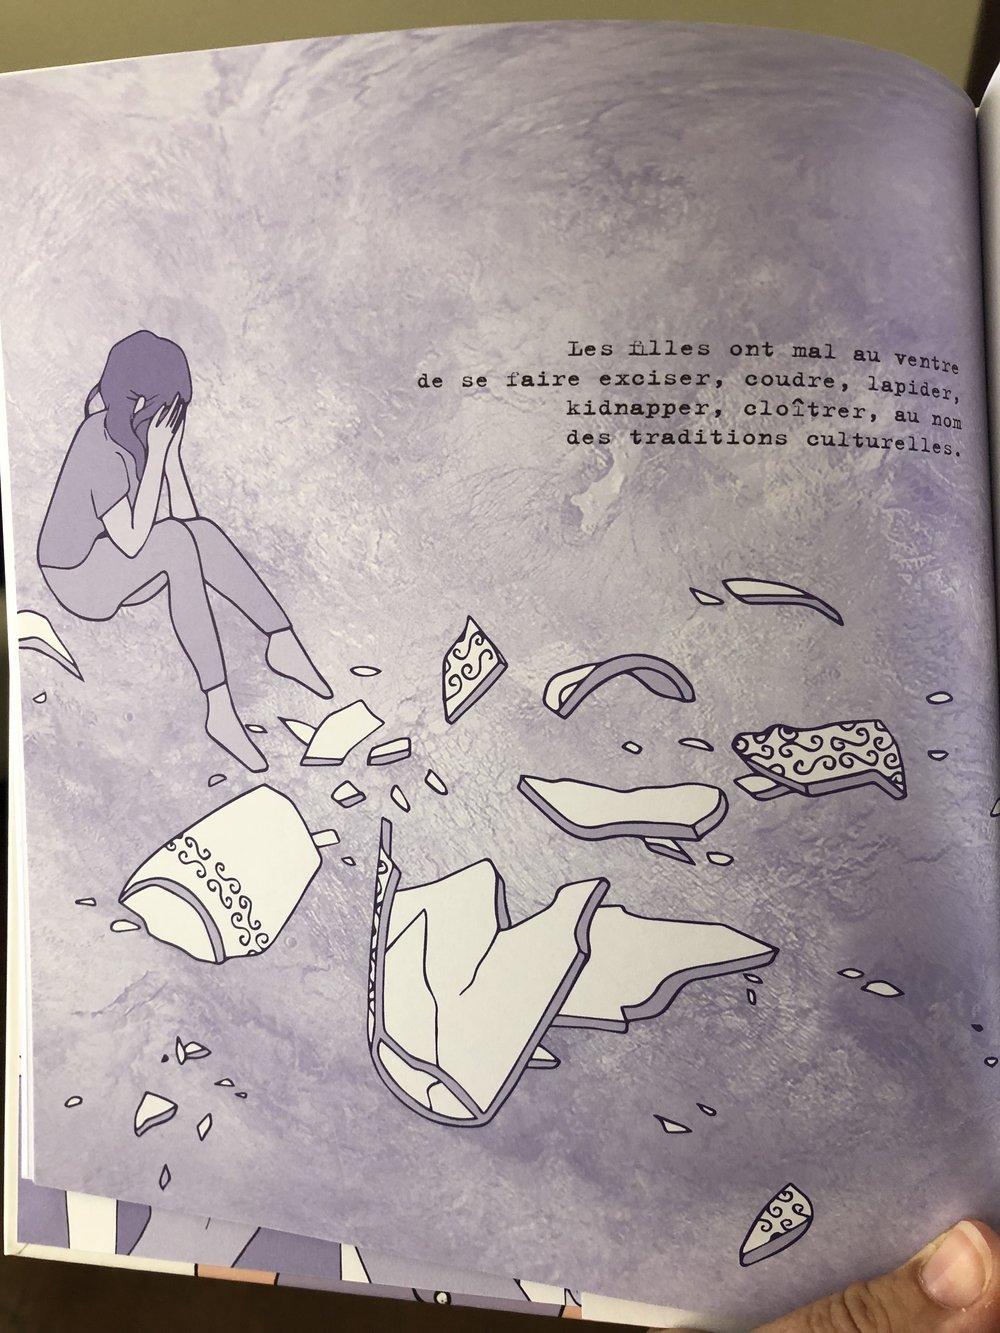 Pourquoi les filles ont mal au ventre-album illustré-album engagé-femmes-féministe-inégalisté garçons filles-réflexion-féminité-album porteur de sens-Je suis une maman